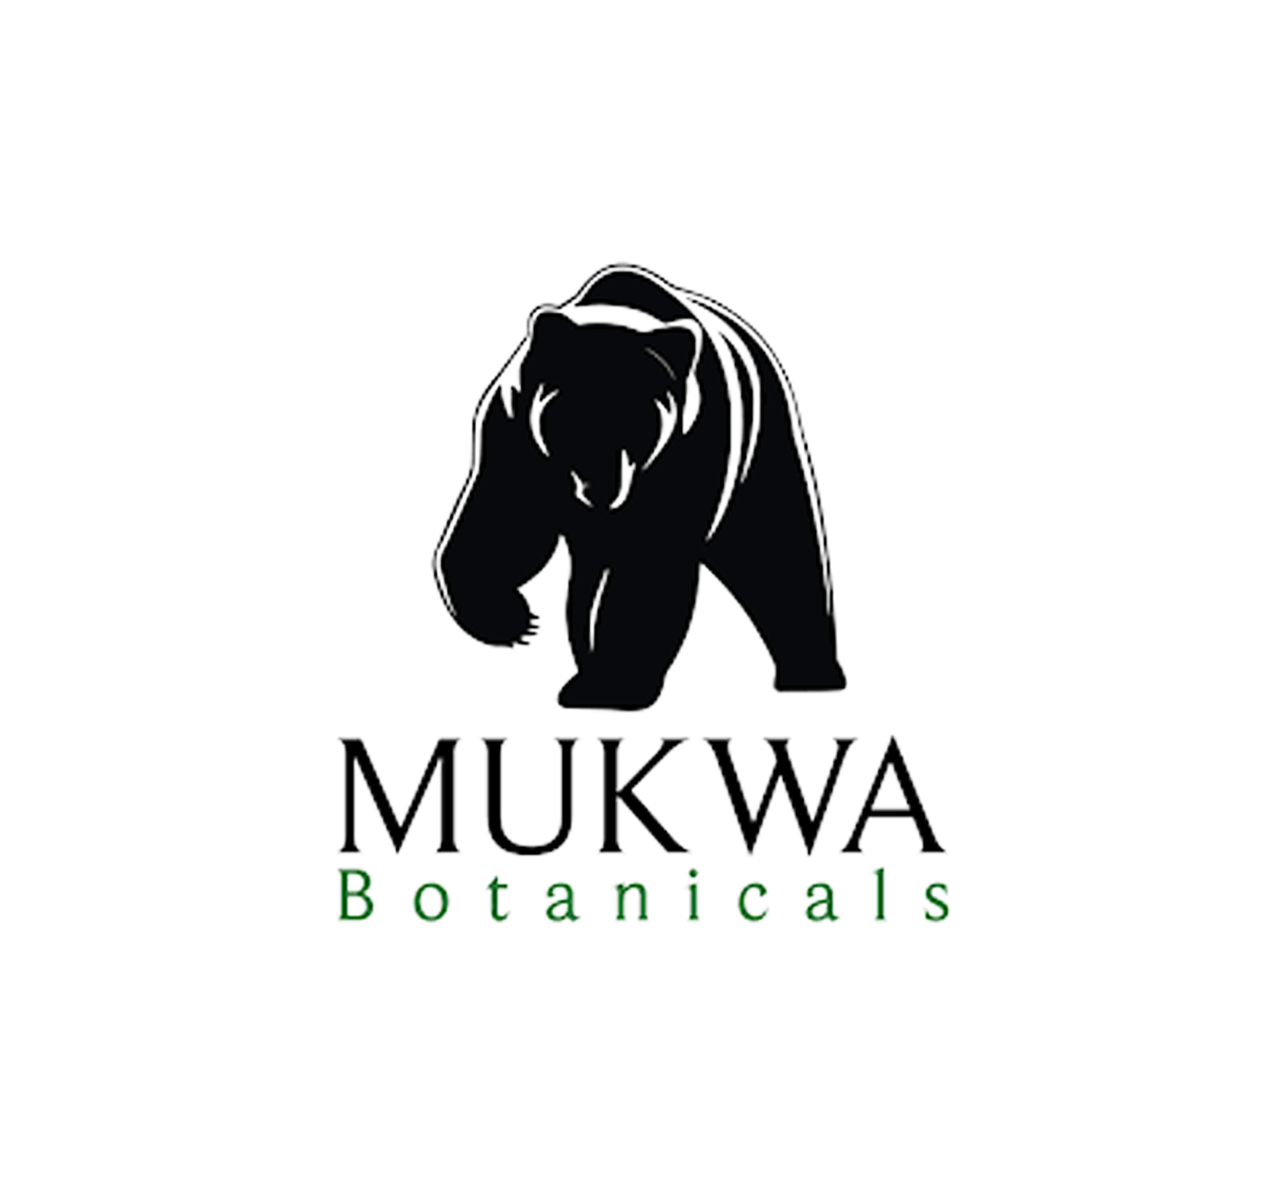 Logo - Mukwa botanicals - edited